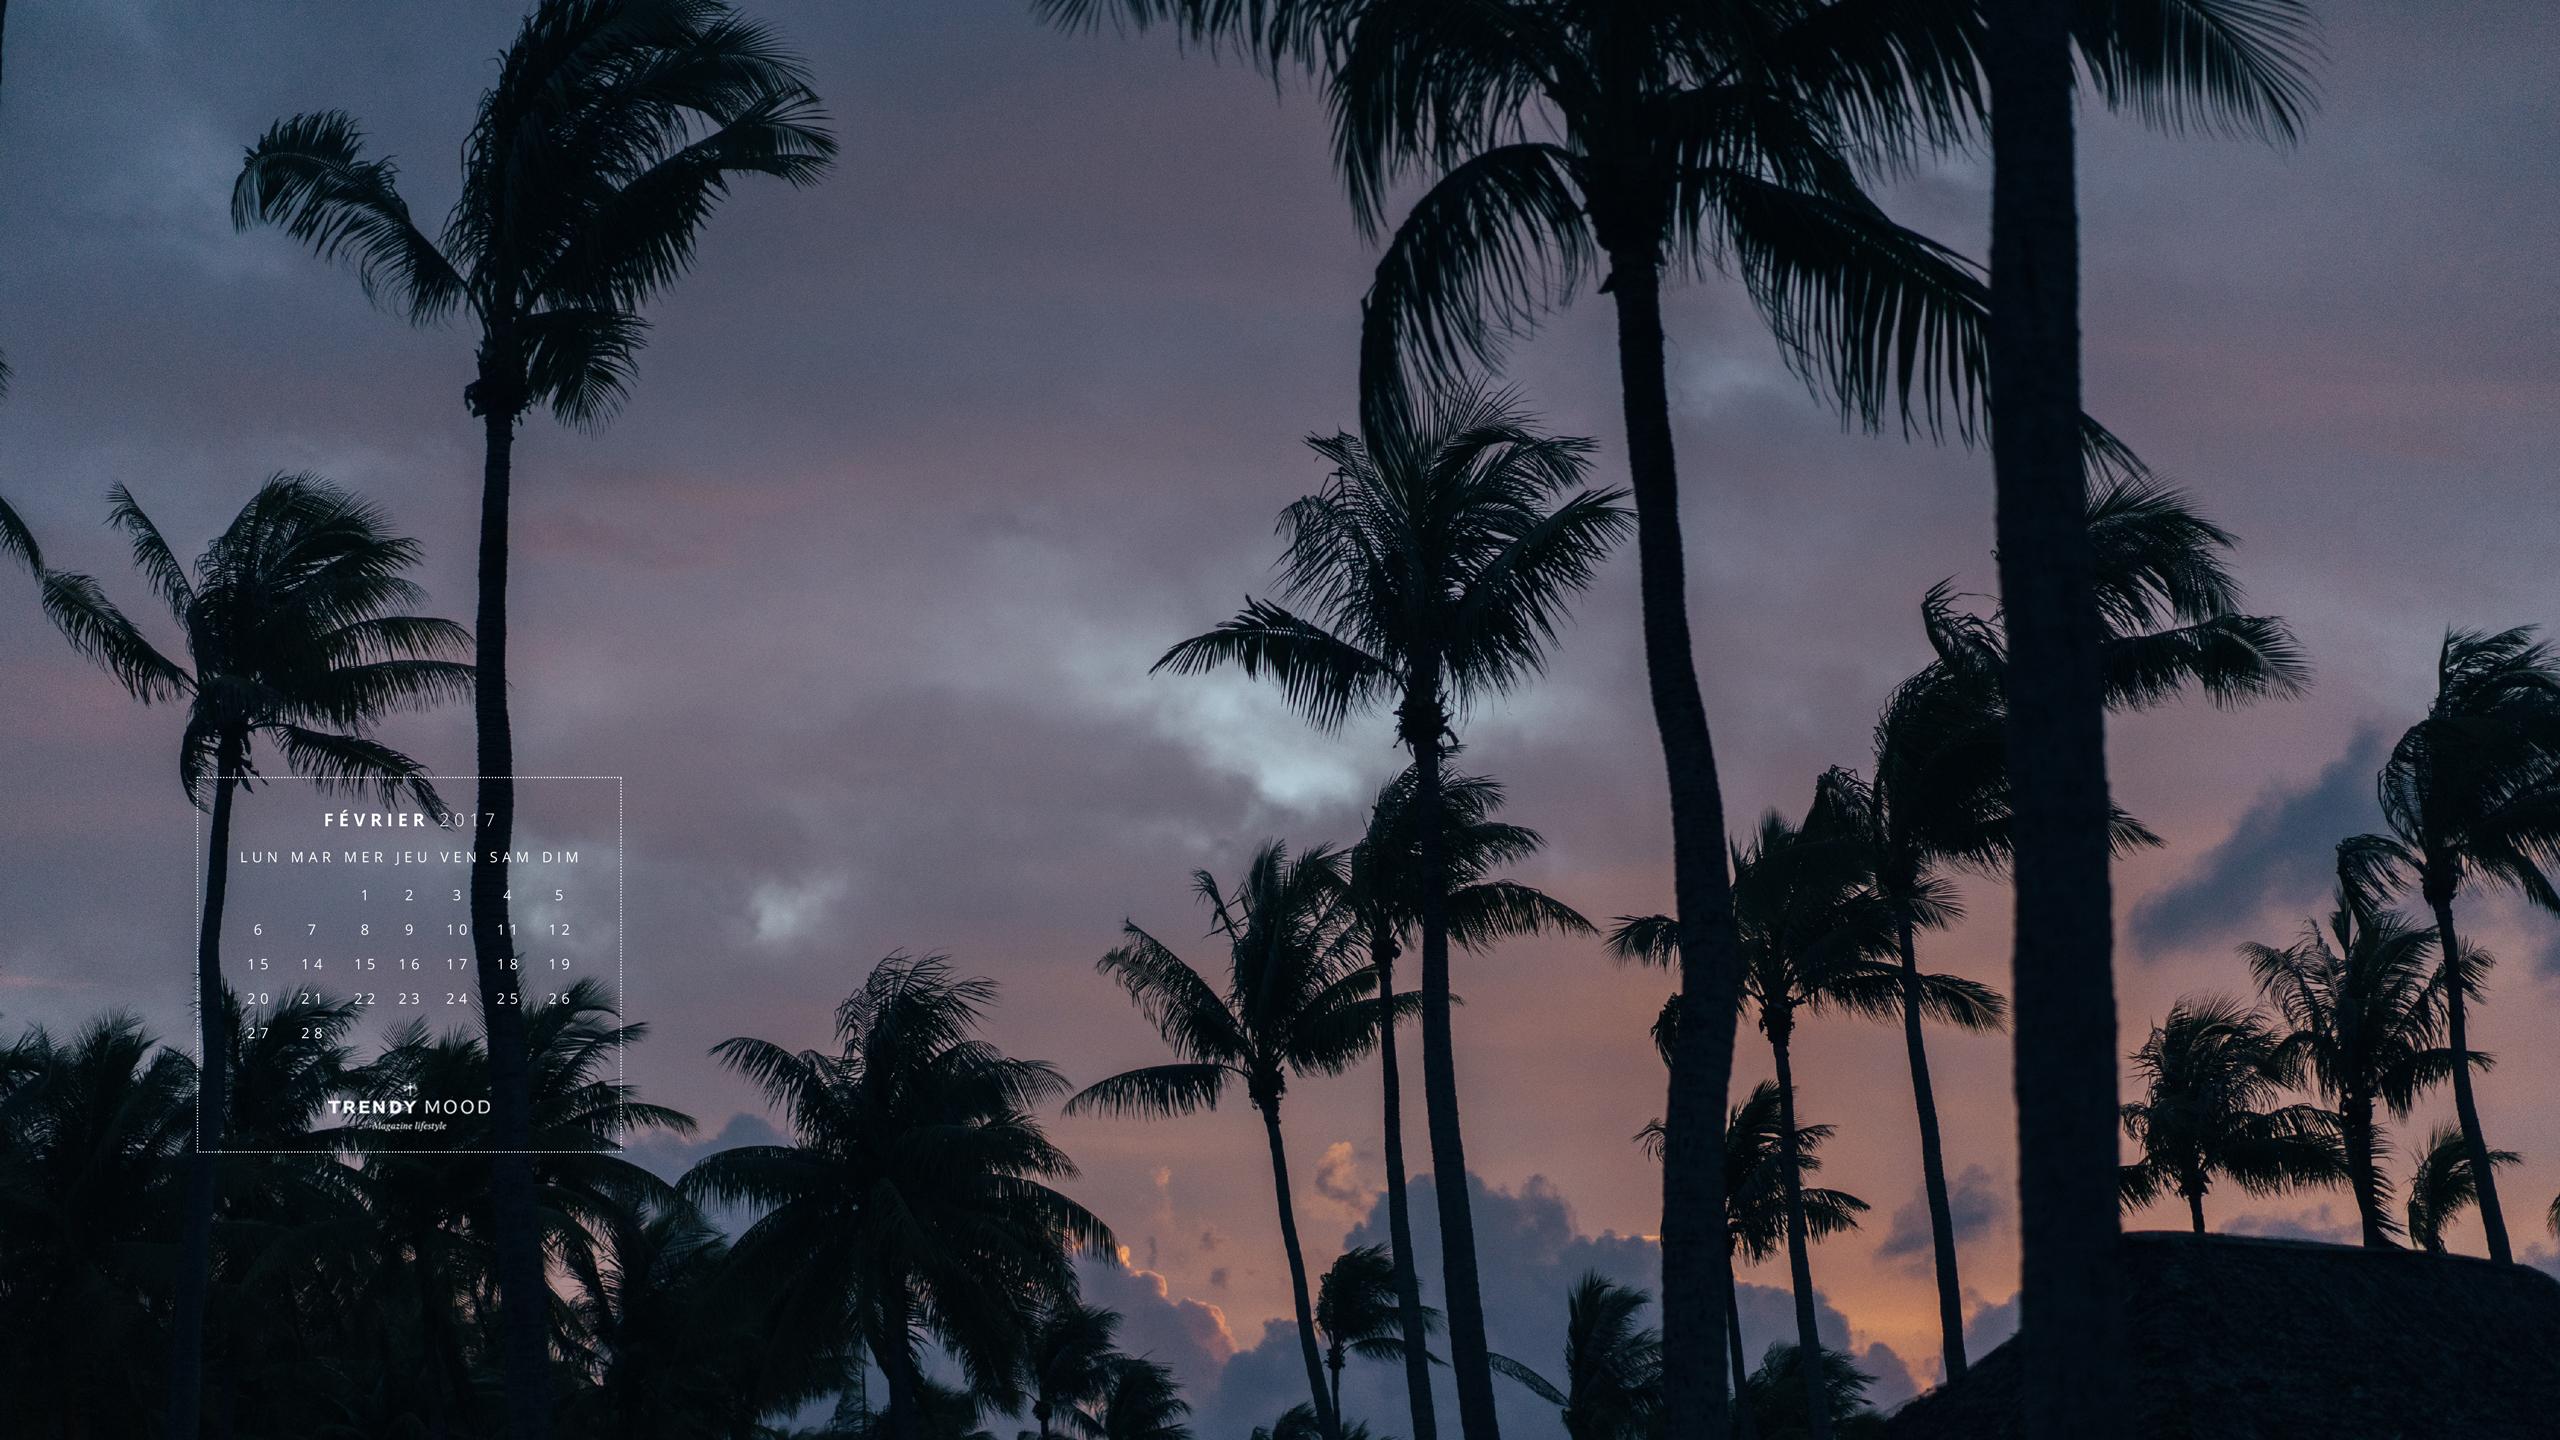 Fond D Ecran Et Calendrier Tahitien Pour Fevrier Trendy Mood Magazine Lifestyle